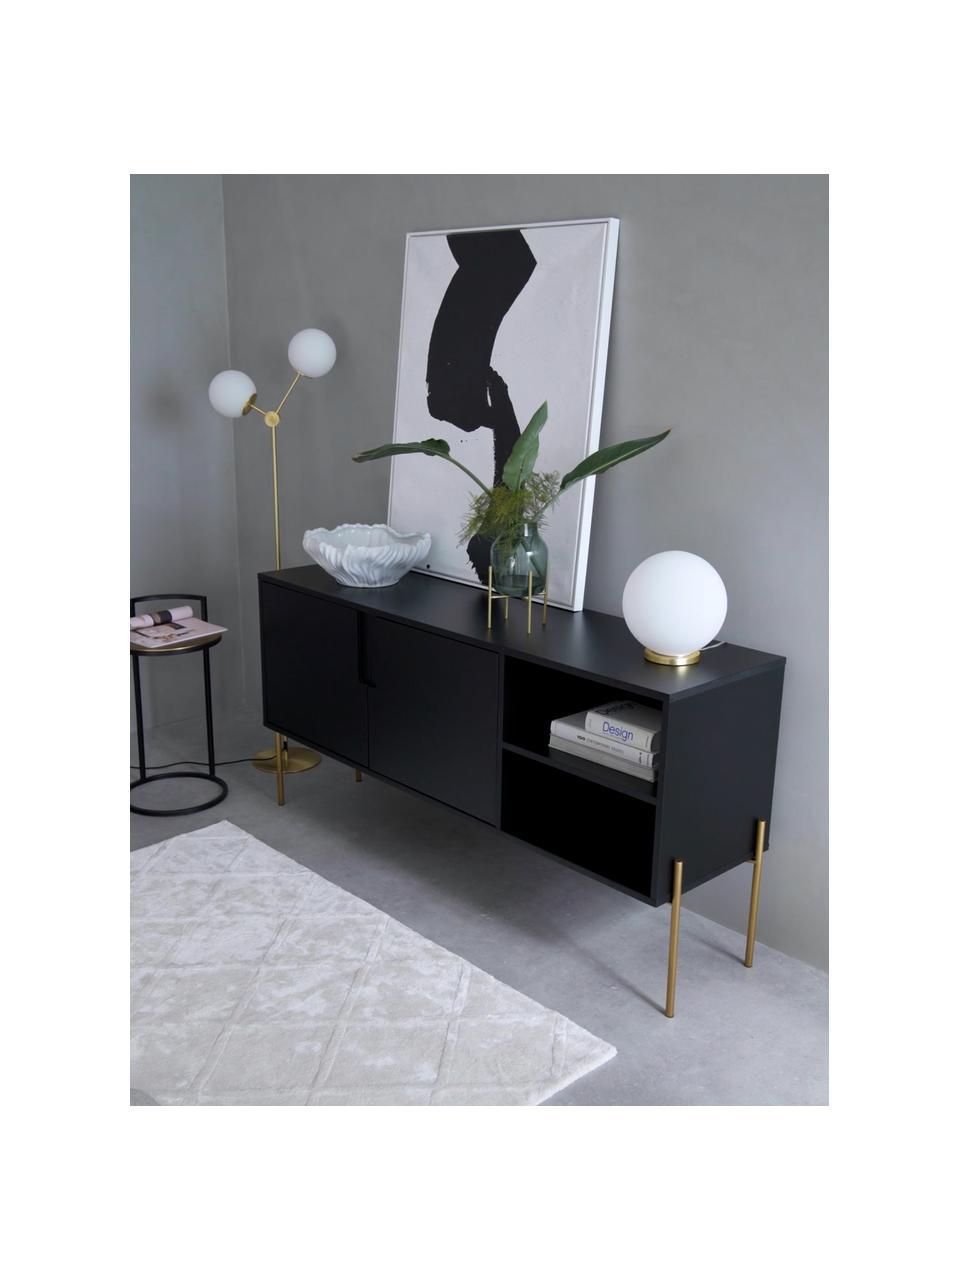 Sideboard Jesper mit Türen in Schwarz, Korpus: Mitteldichte Holzfaserpla, Füße: Metall, lackiert, Korpus: Schwarz Füße: Goldfarben, glänzend, 160 x 80 cm